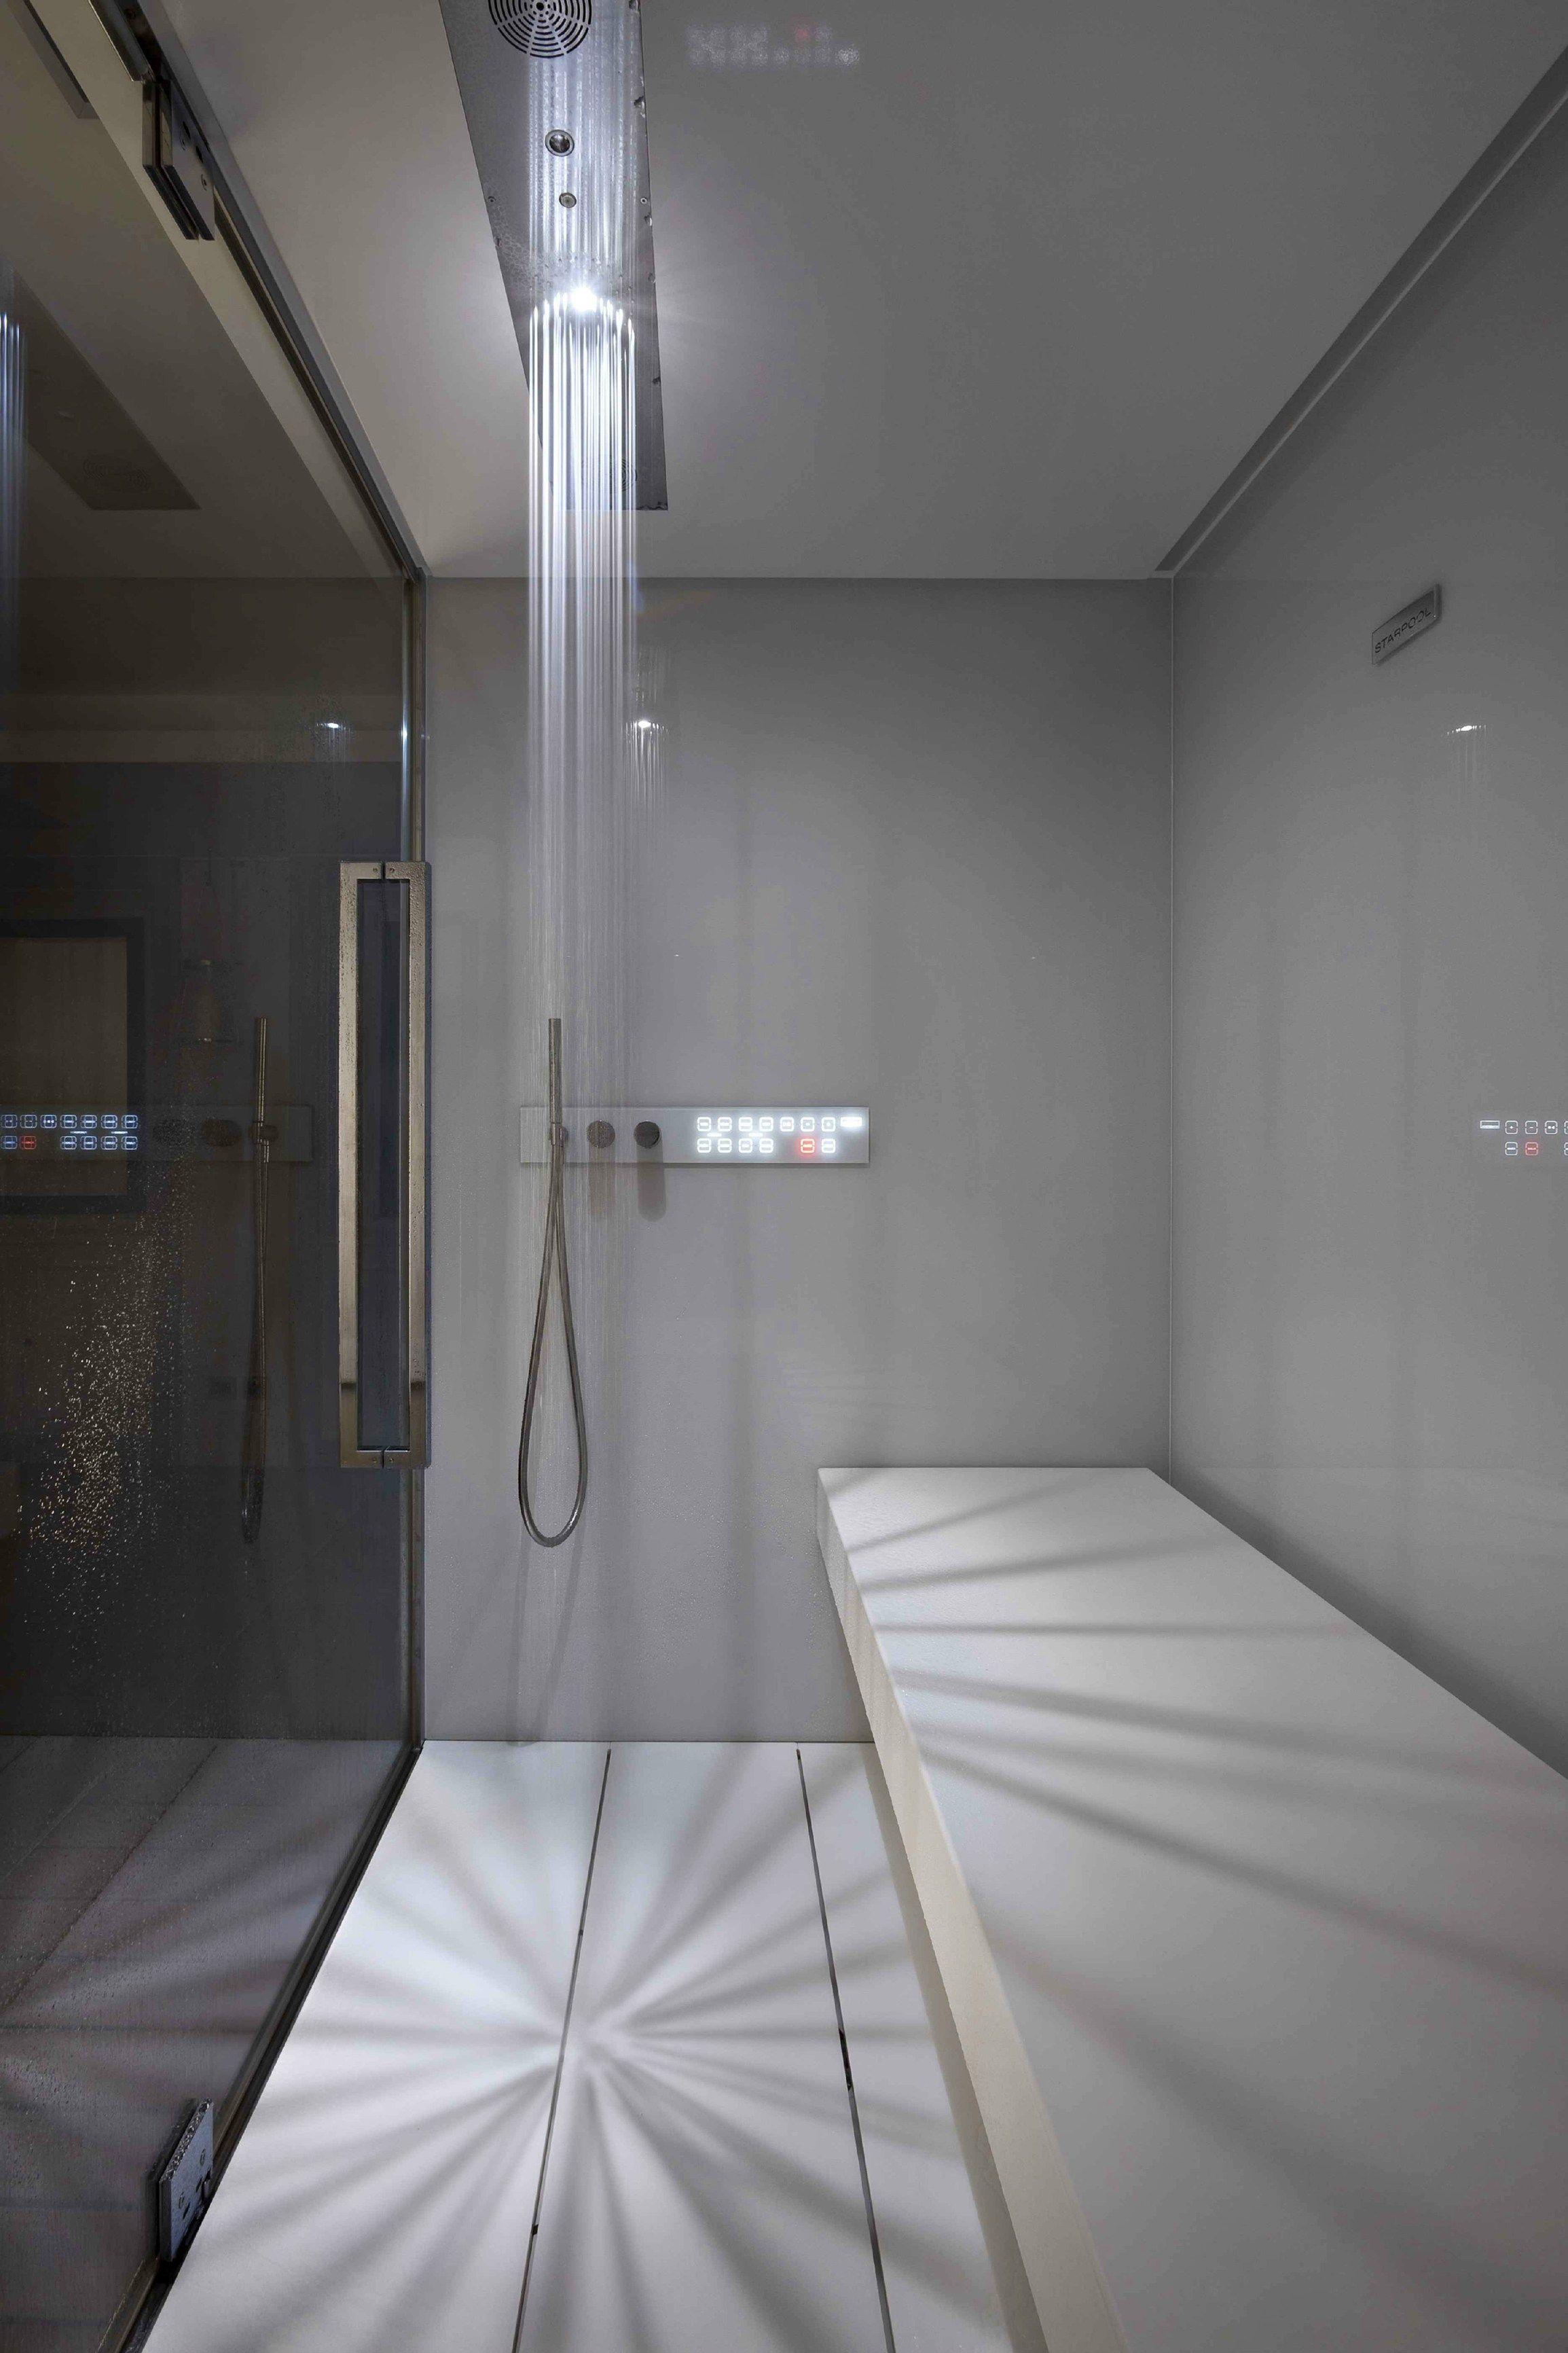 Bagno turco per cromoterapia con doccia SWEET SPA XL by STARPOOL ...